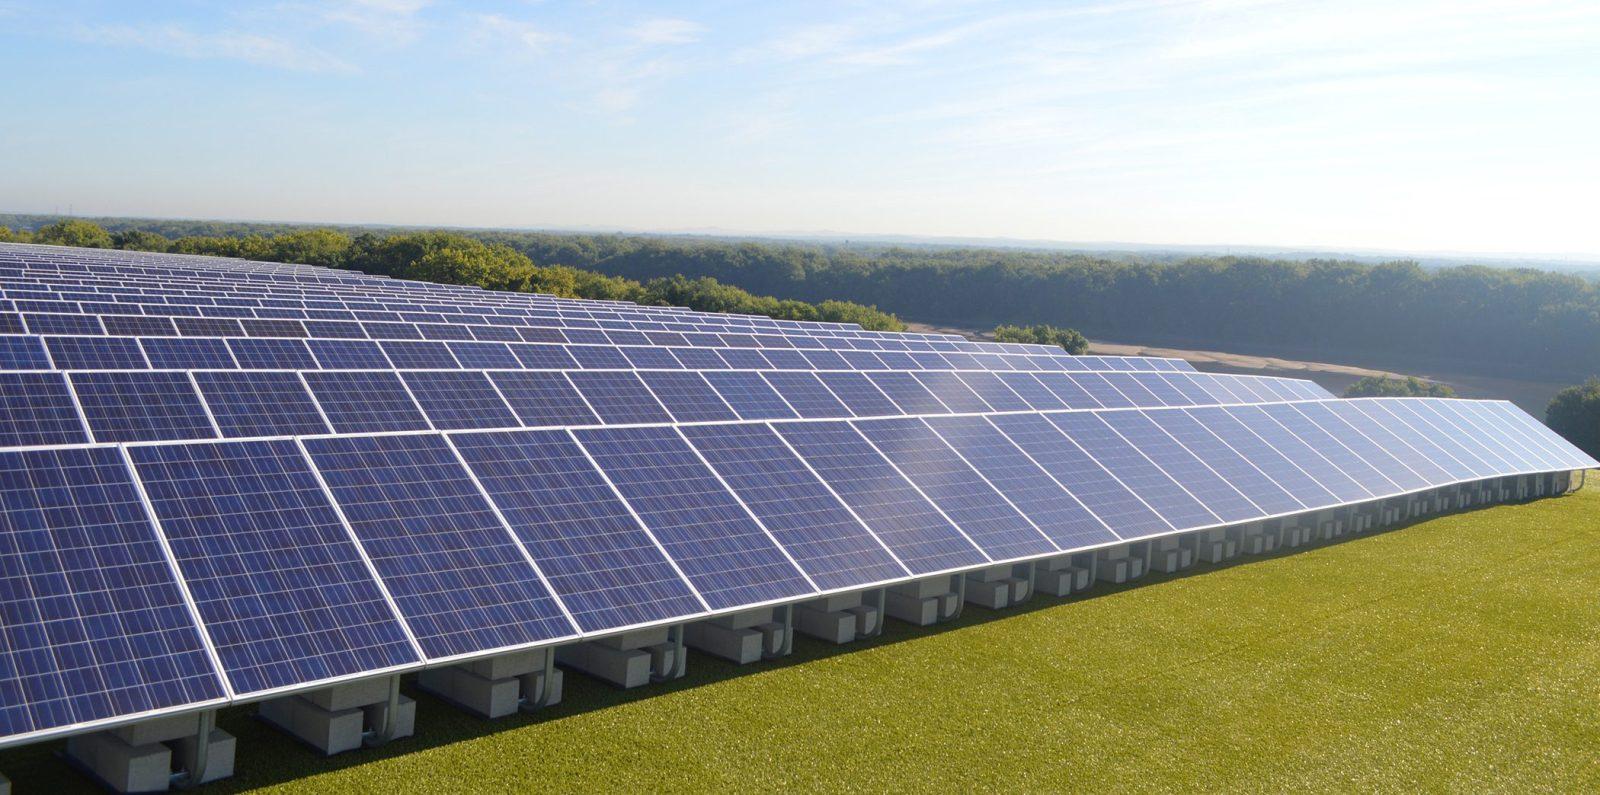 hartford_landfill_solar_panels-e1466542749777